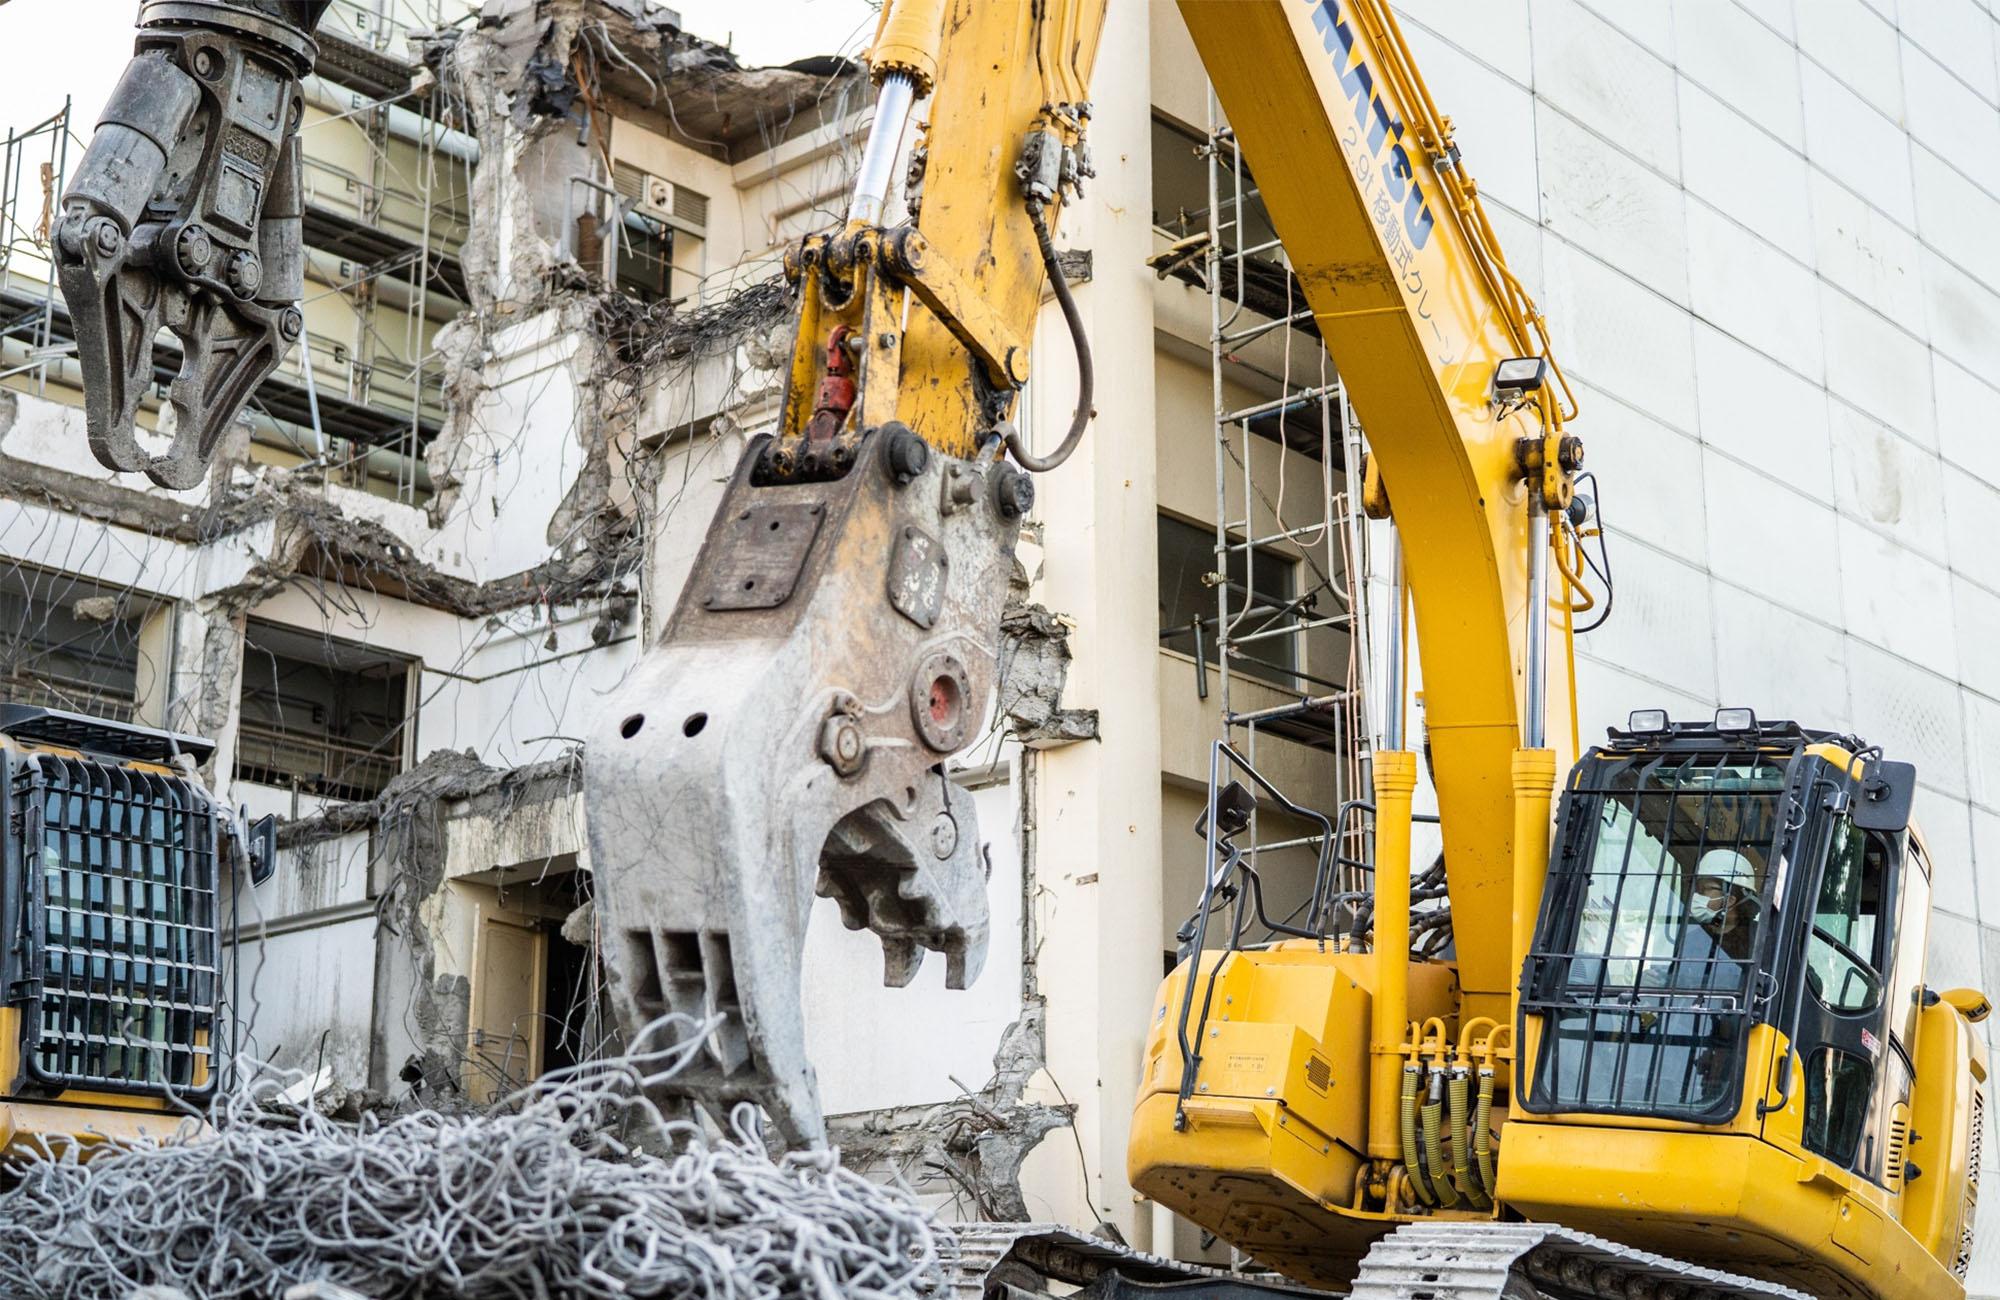 横浜市の解体工事、内装解体は株式会社RIZE(ライズ)へお任せ下さい。